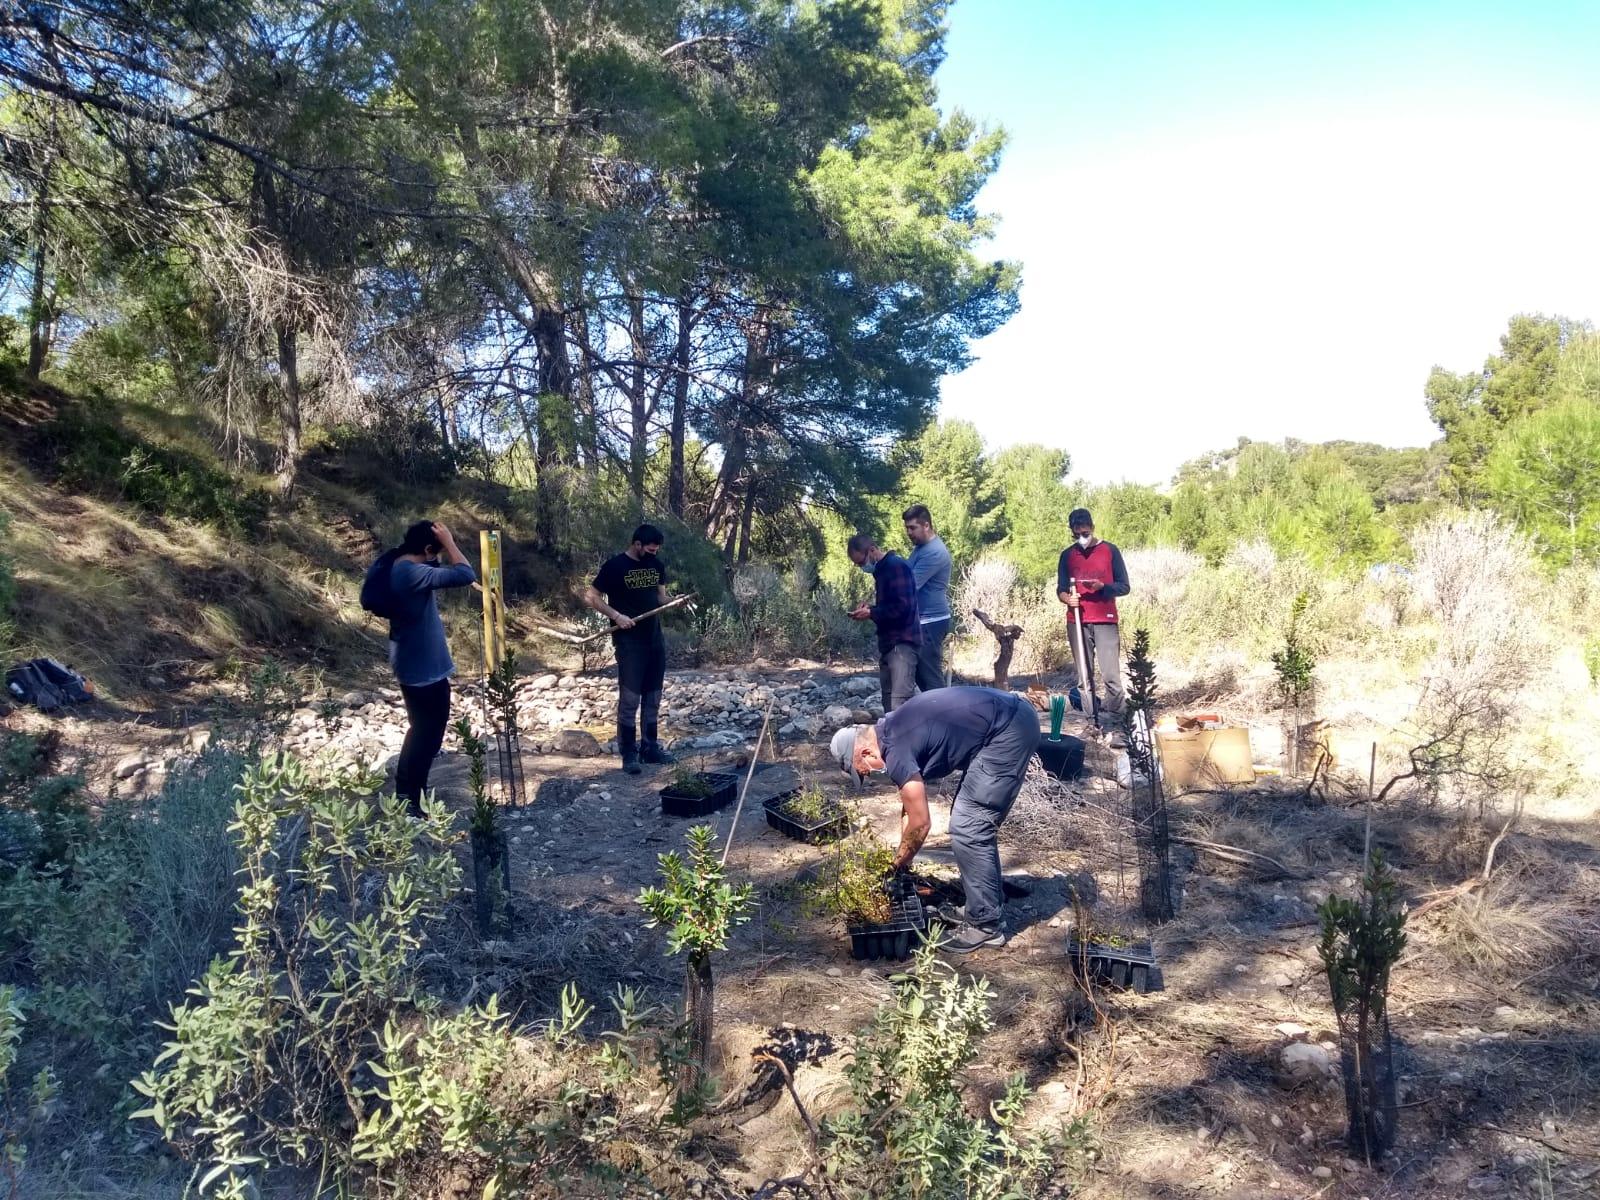 En las actividades también se han plantado 200 arbustos. Imagen: Caramucel